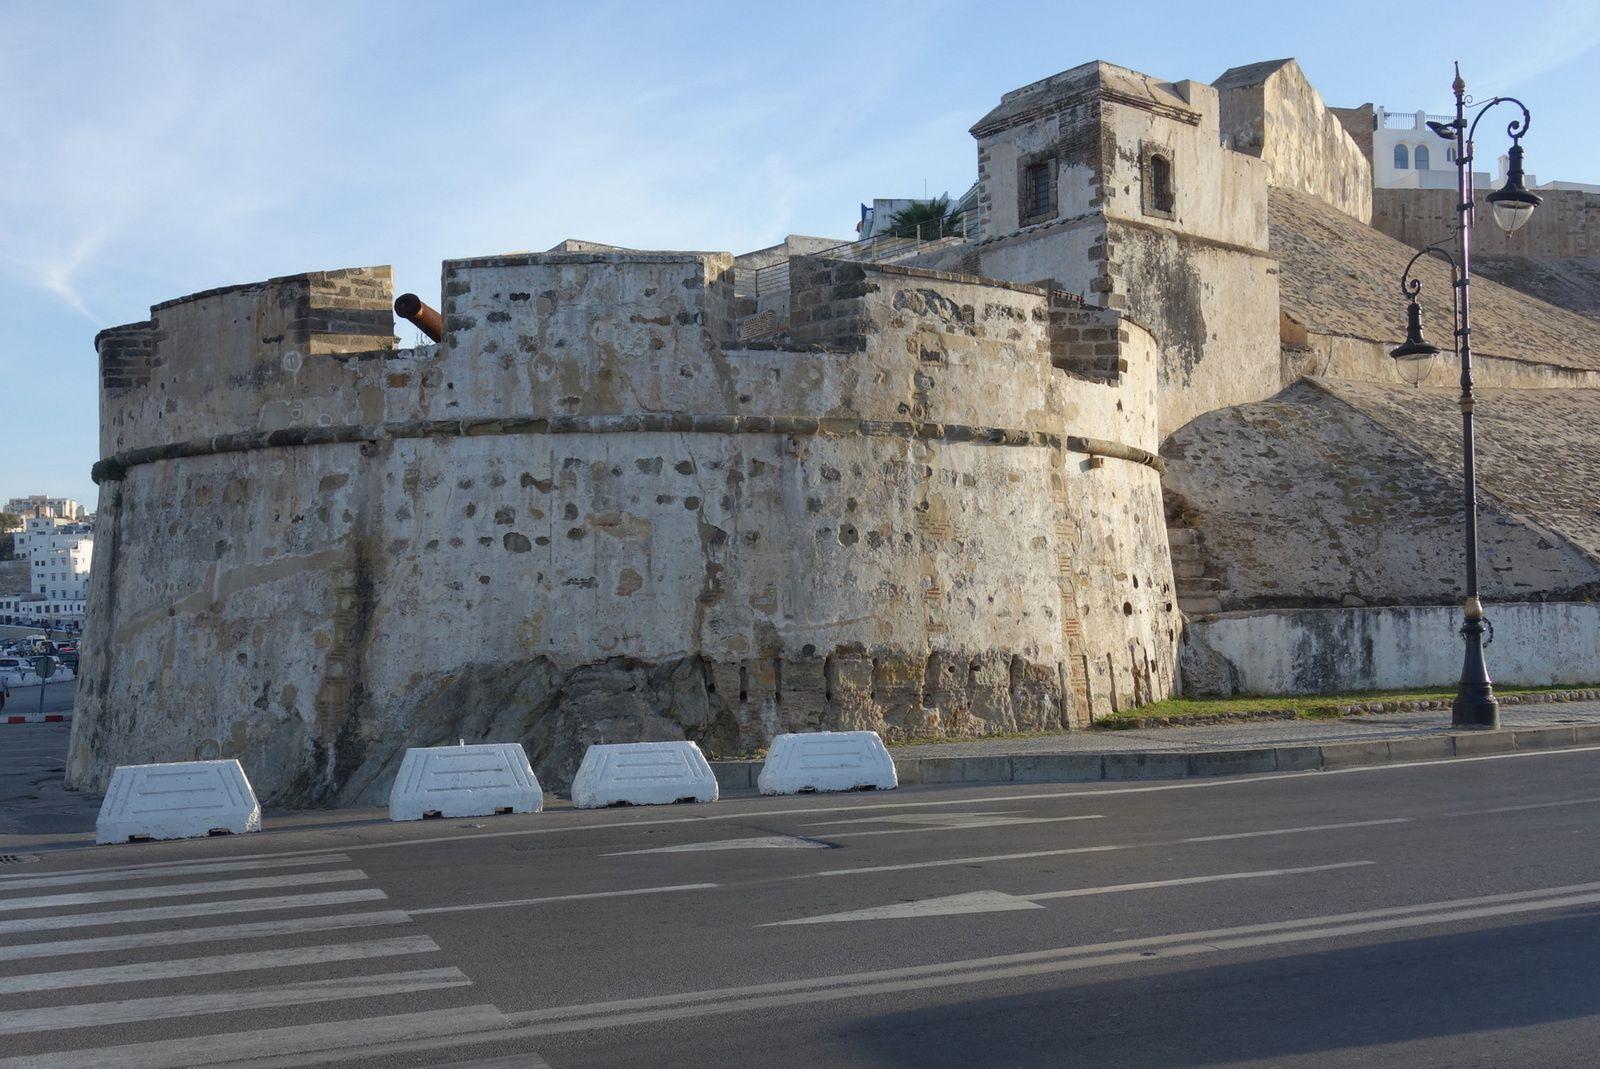 La muraille en arrivant à tanger depuis le port, c'est quand même pas mal (4 photos à cliquer)